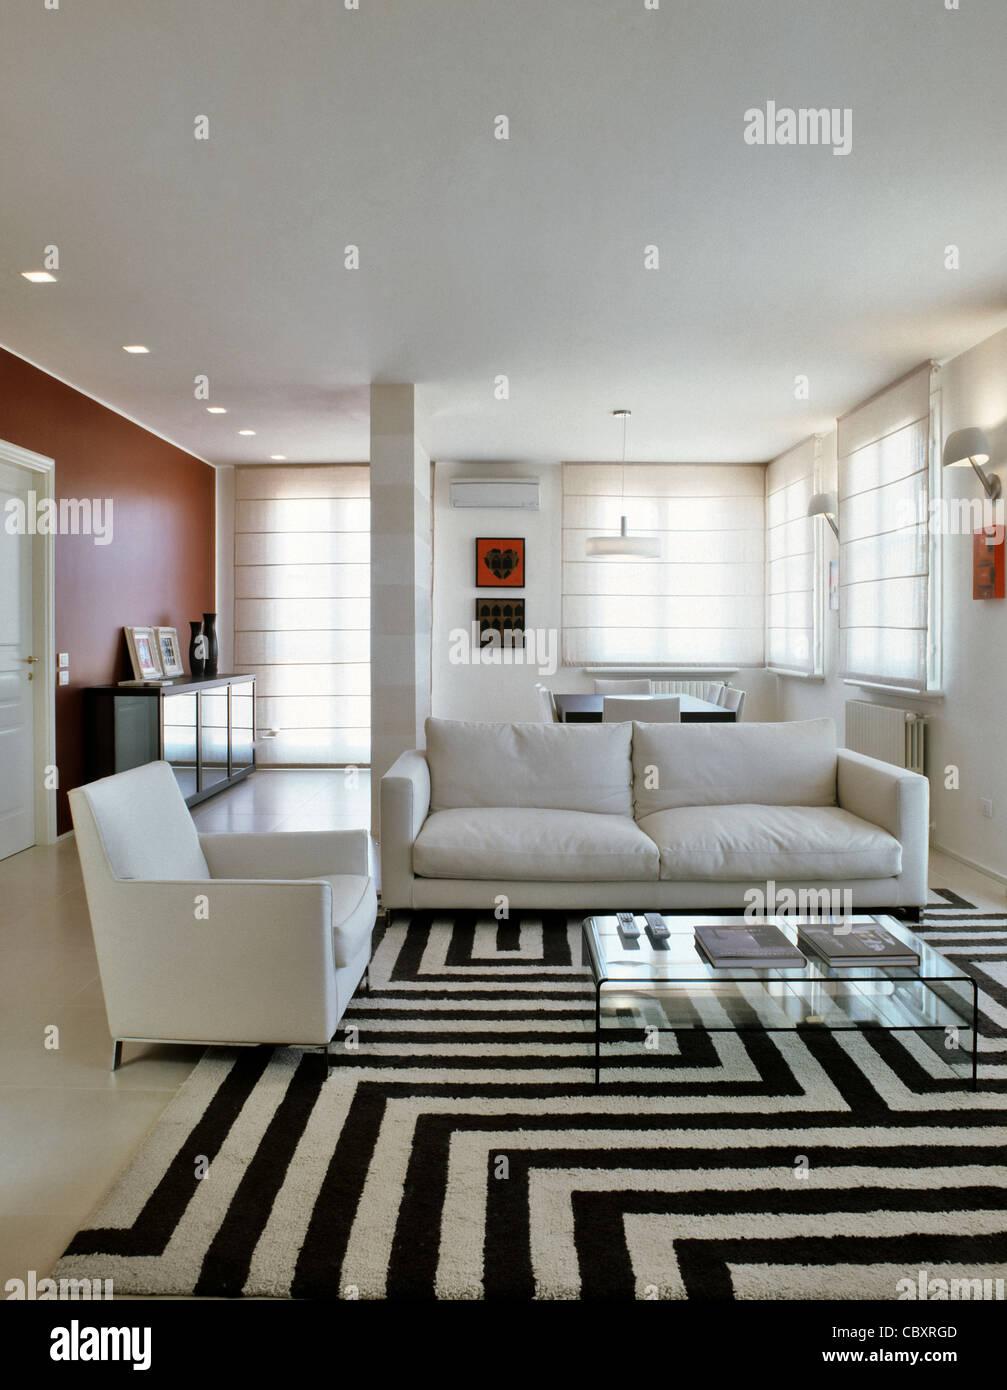 Divani bianchi e in bianco e nero di tappeti per un soggiorno ...